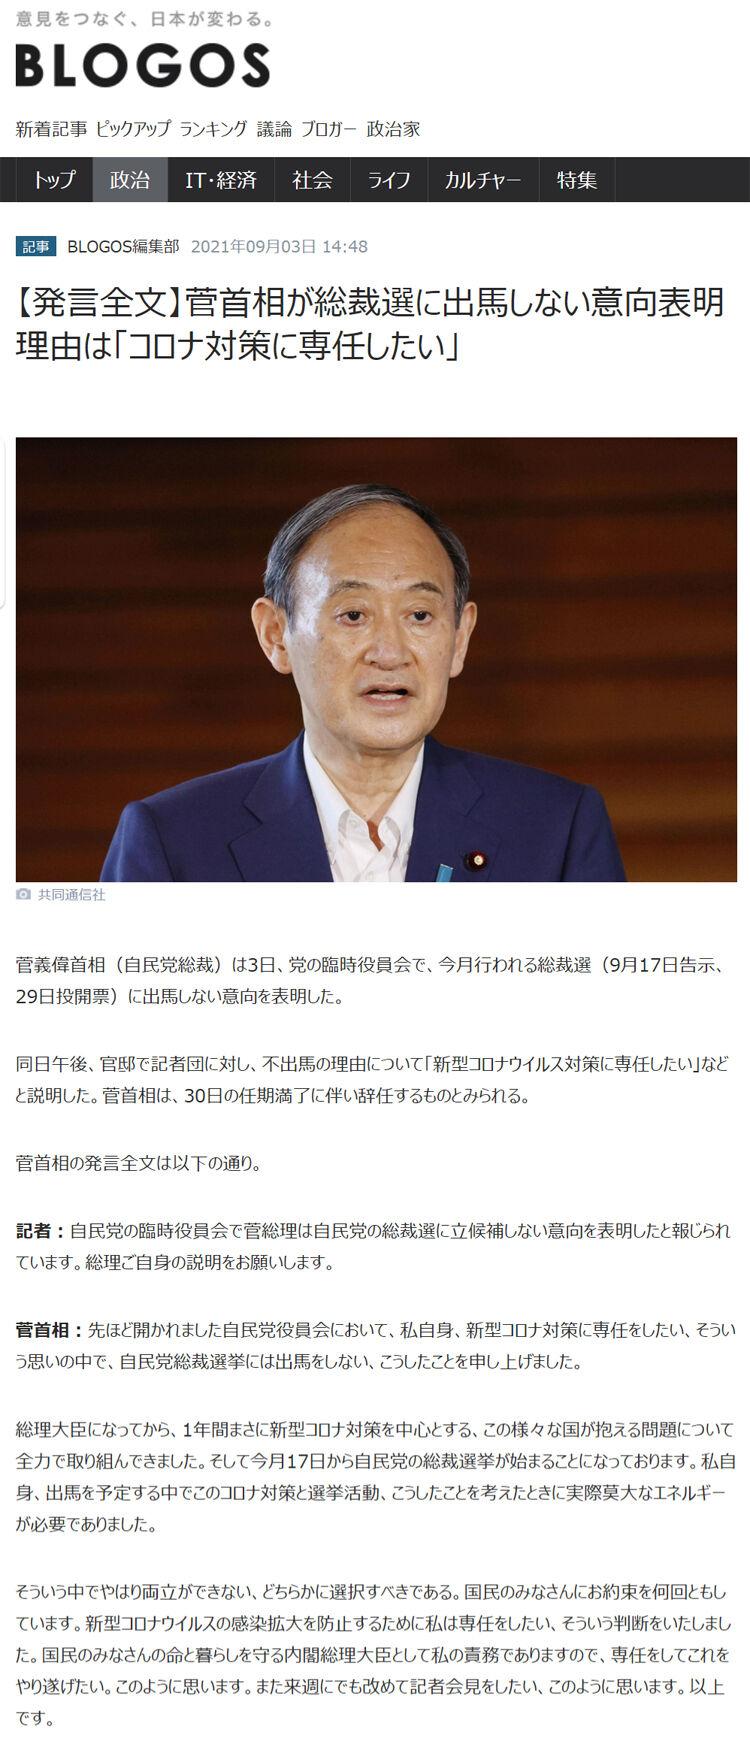 菅首相750